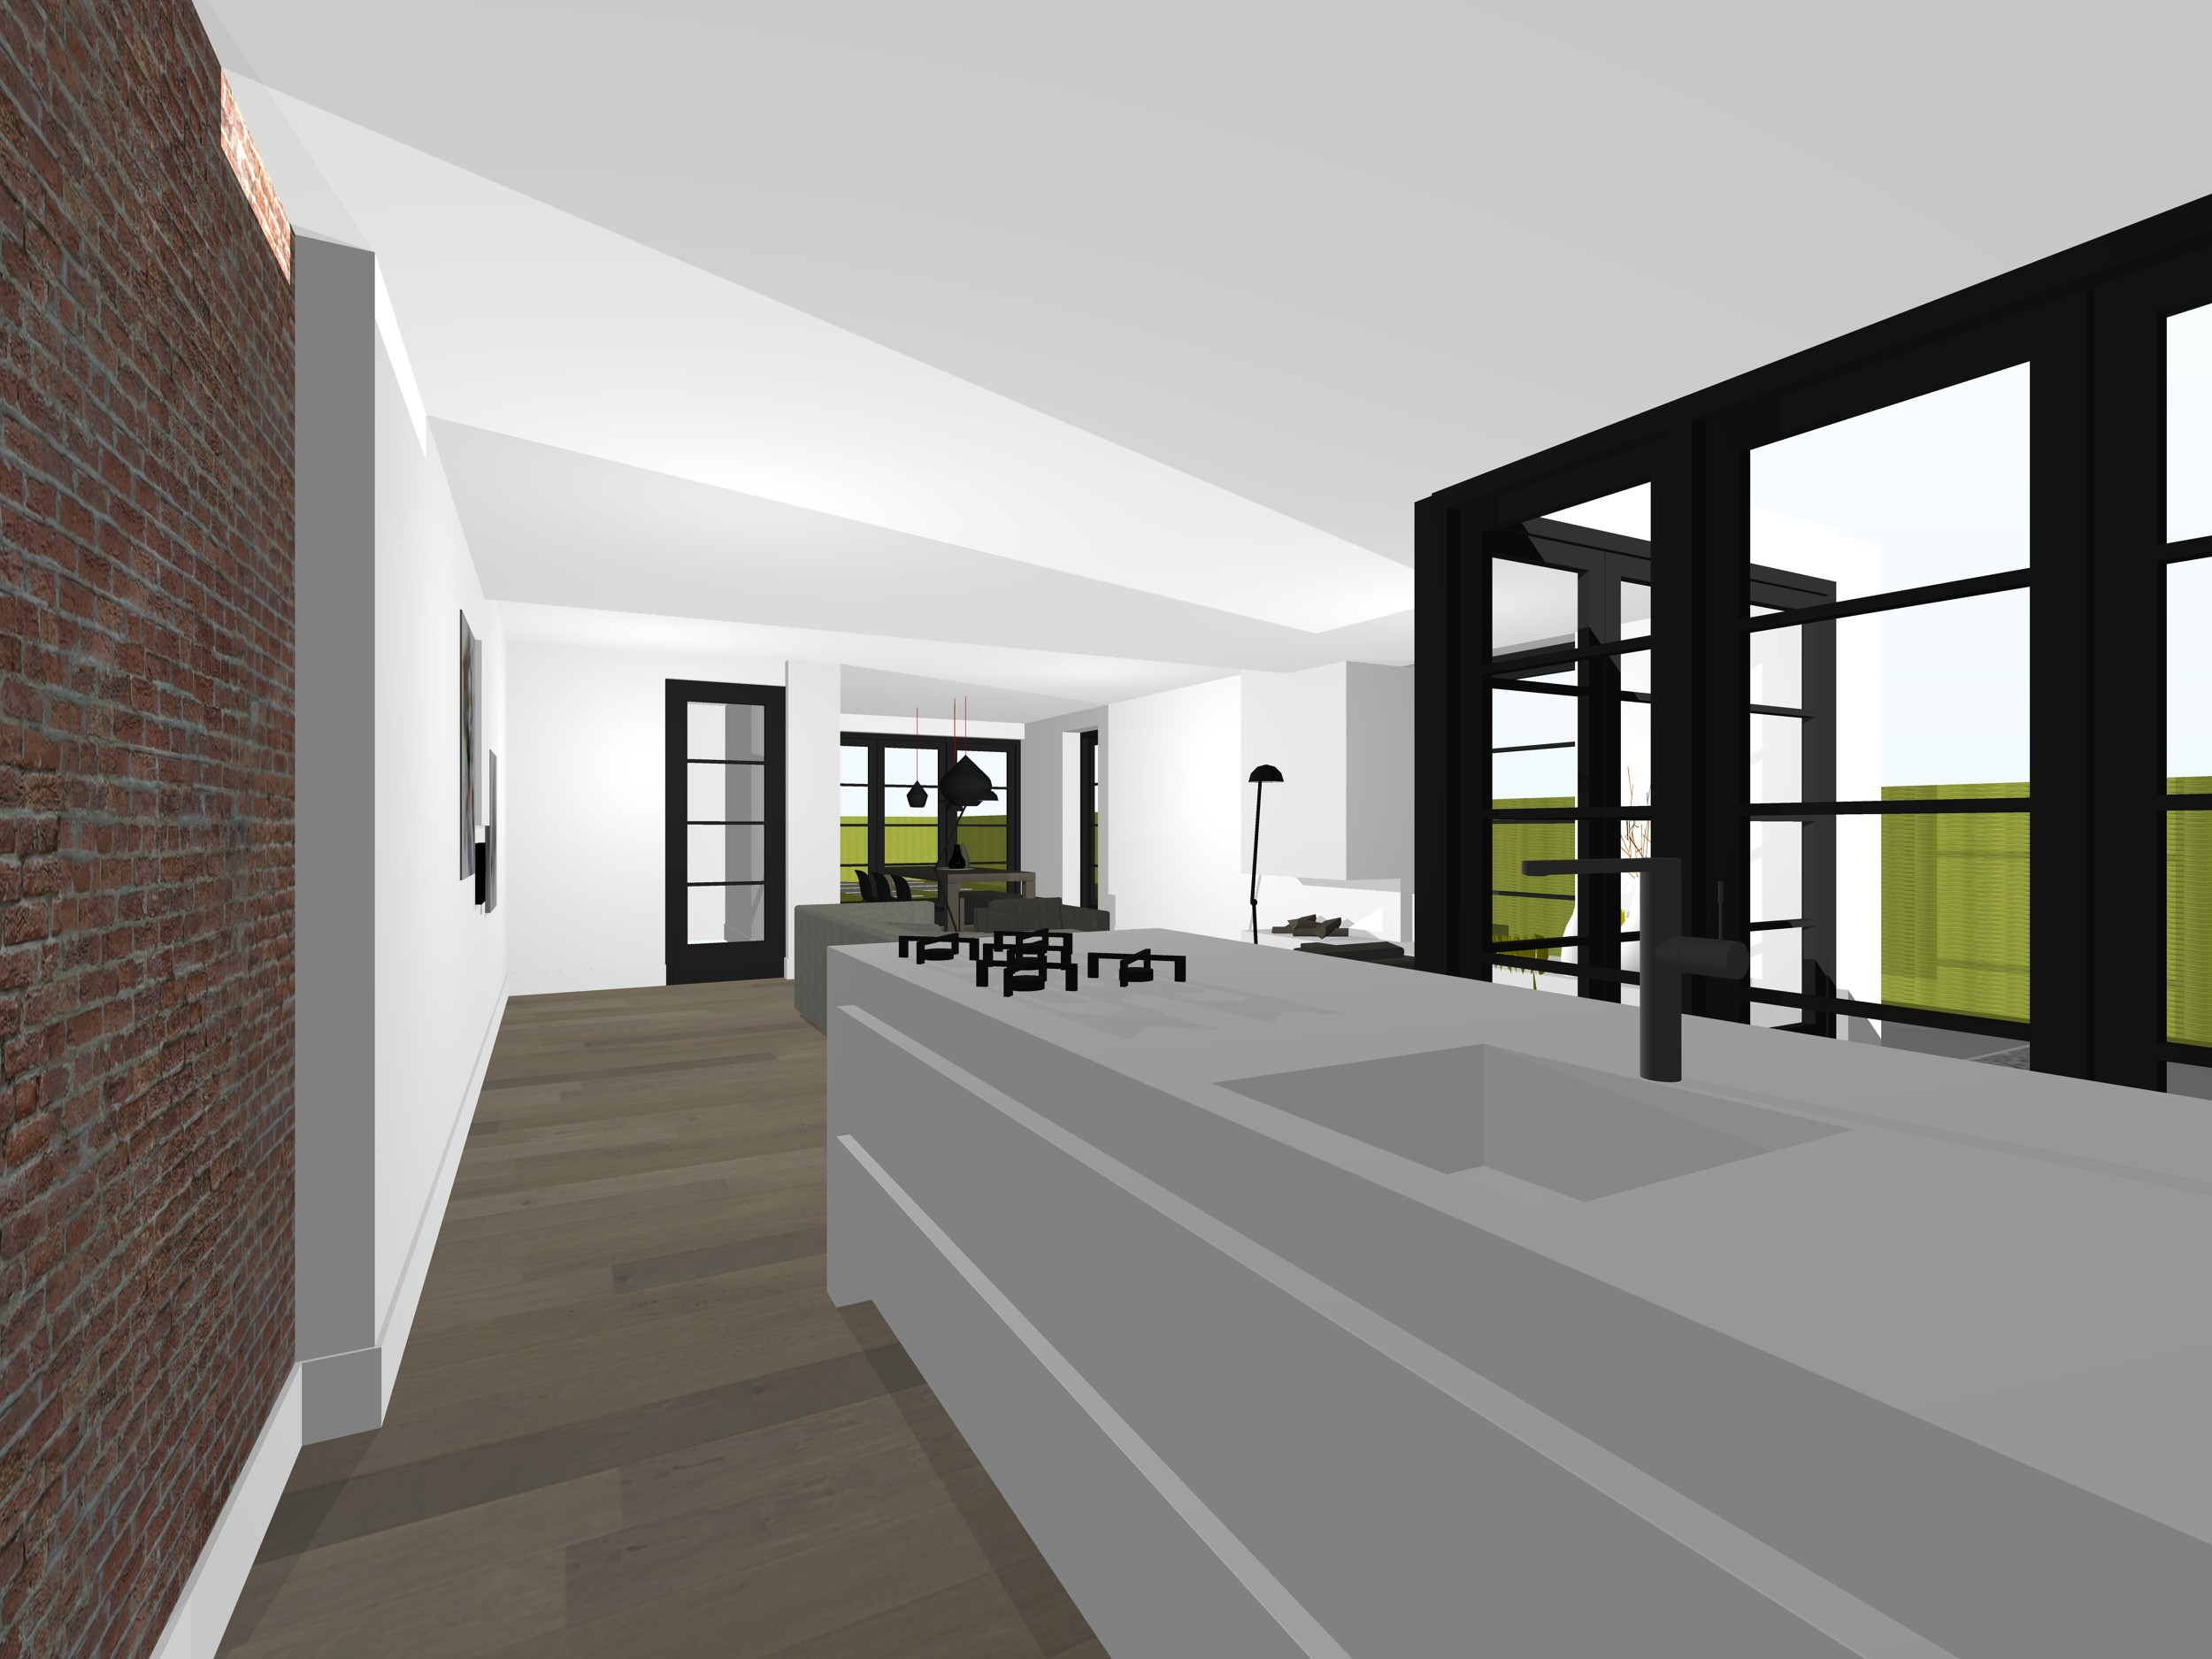 interieur keuken woonkamer bergen - STUDIO72